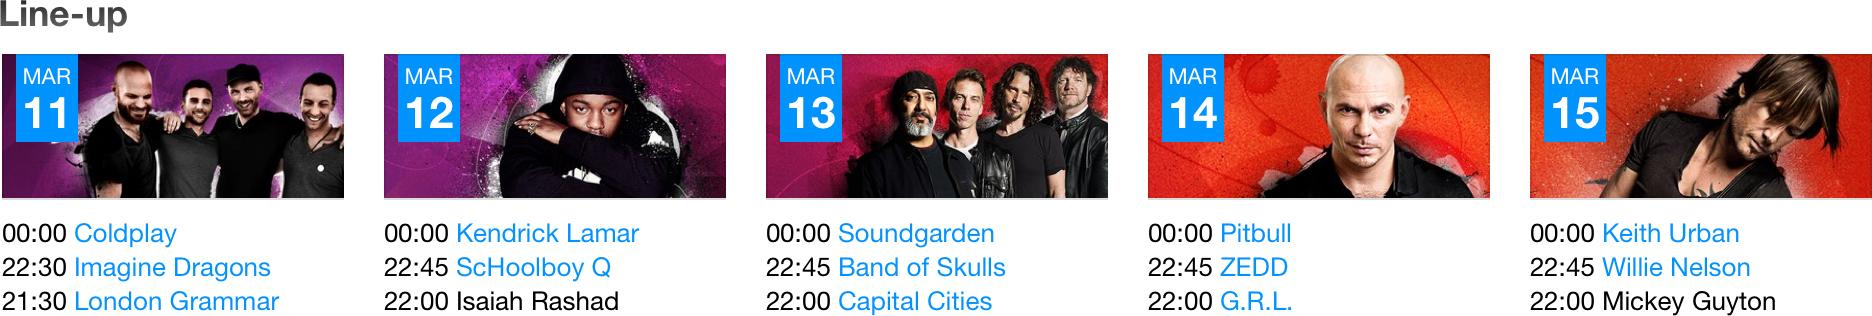 Line-up do iTunes Festival no SXSW